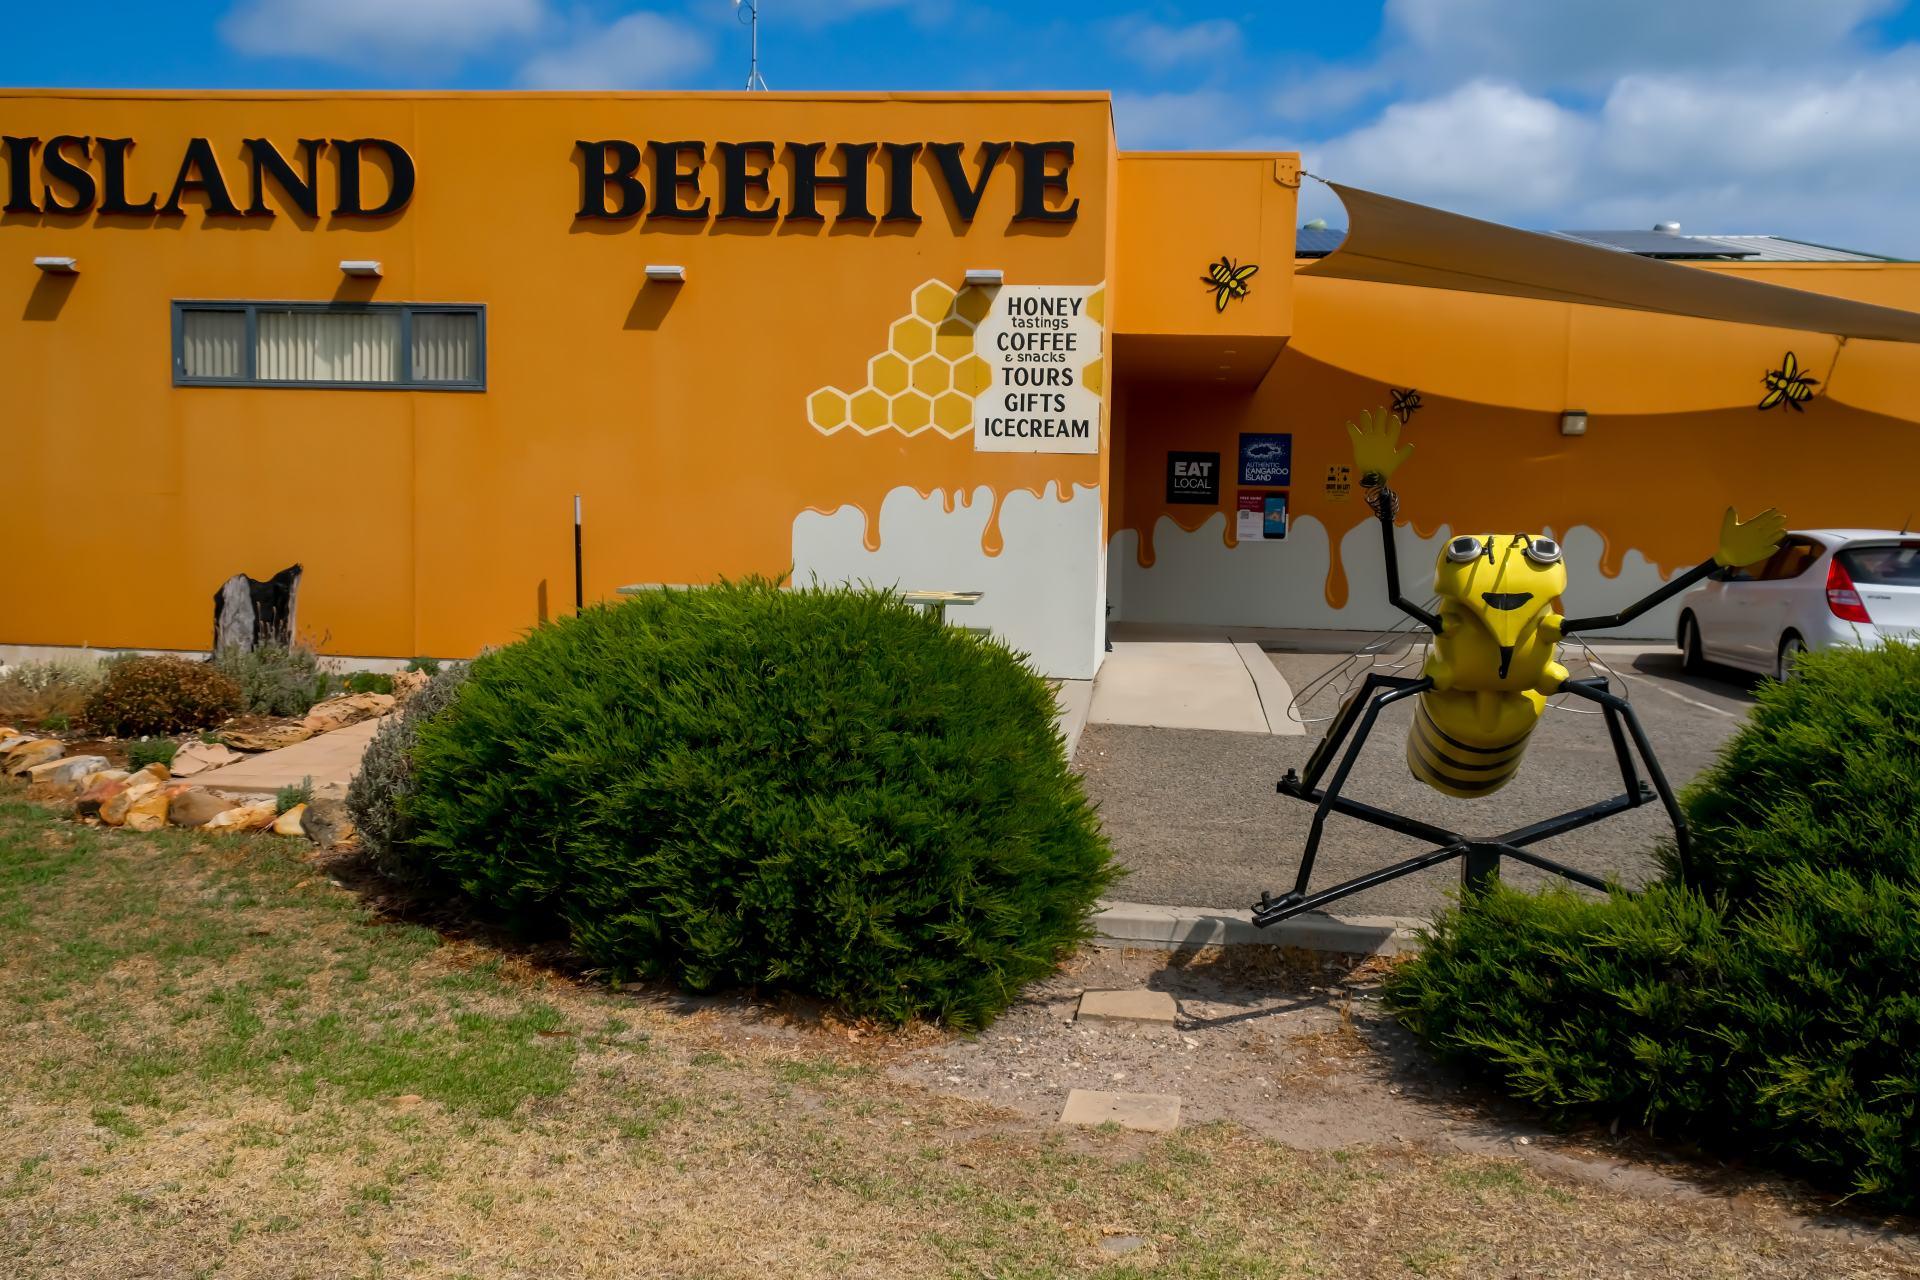 kangaroo island beehive